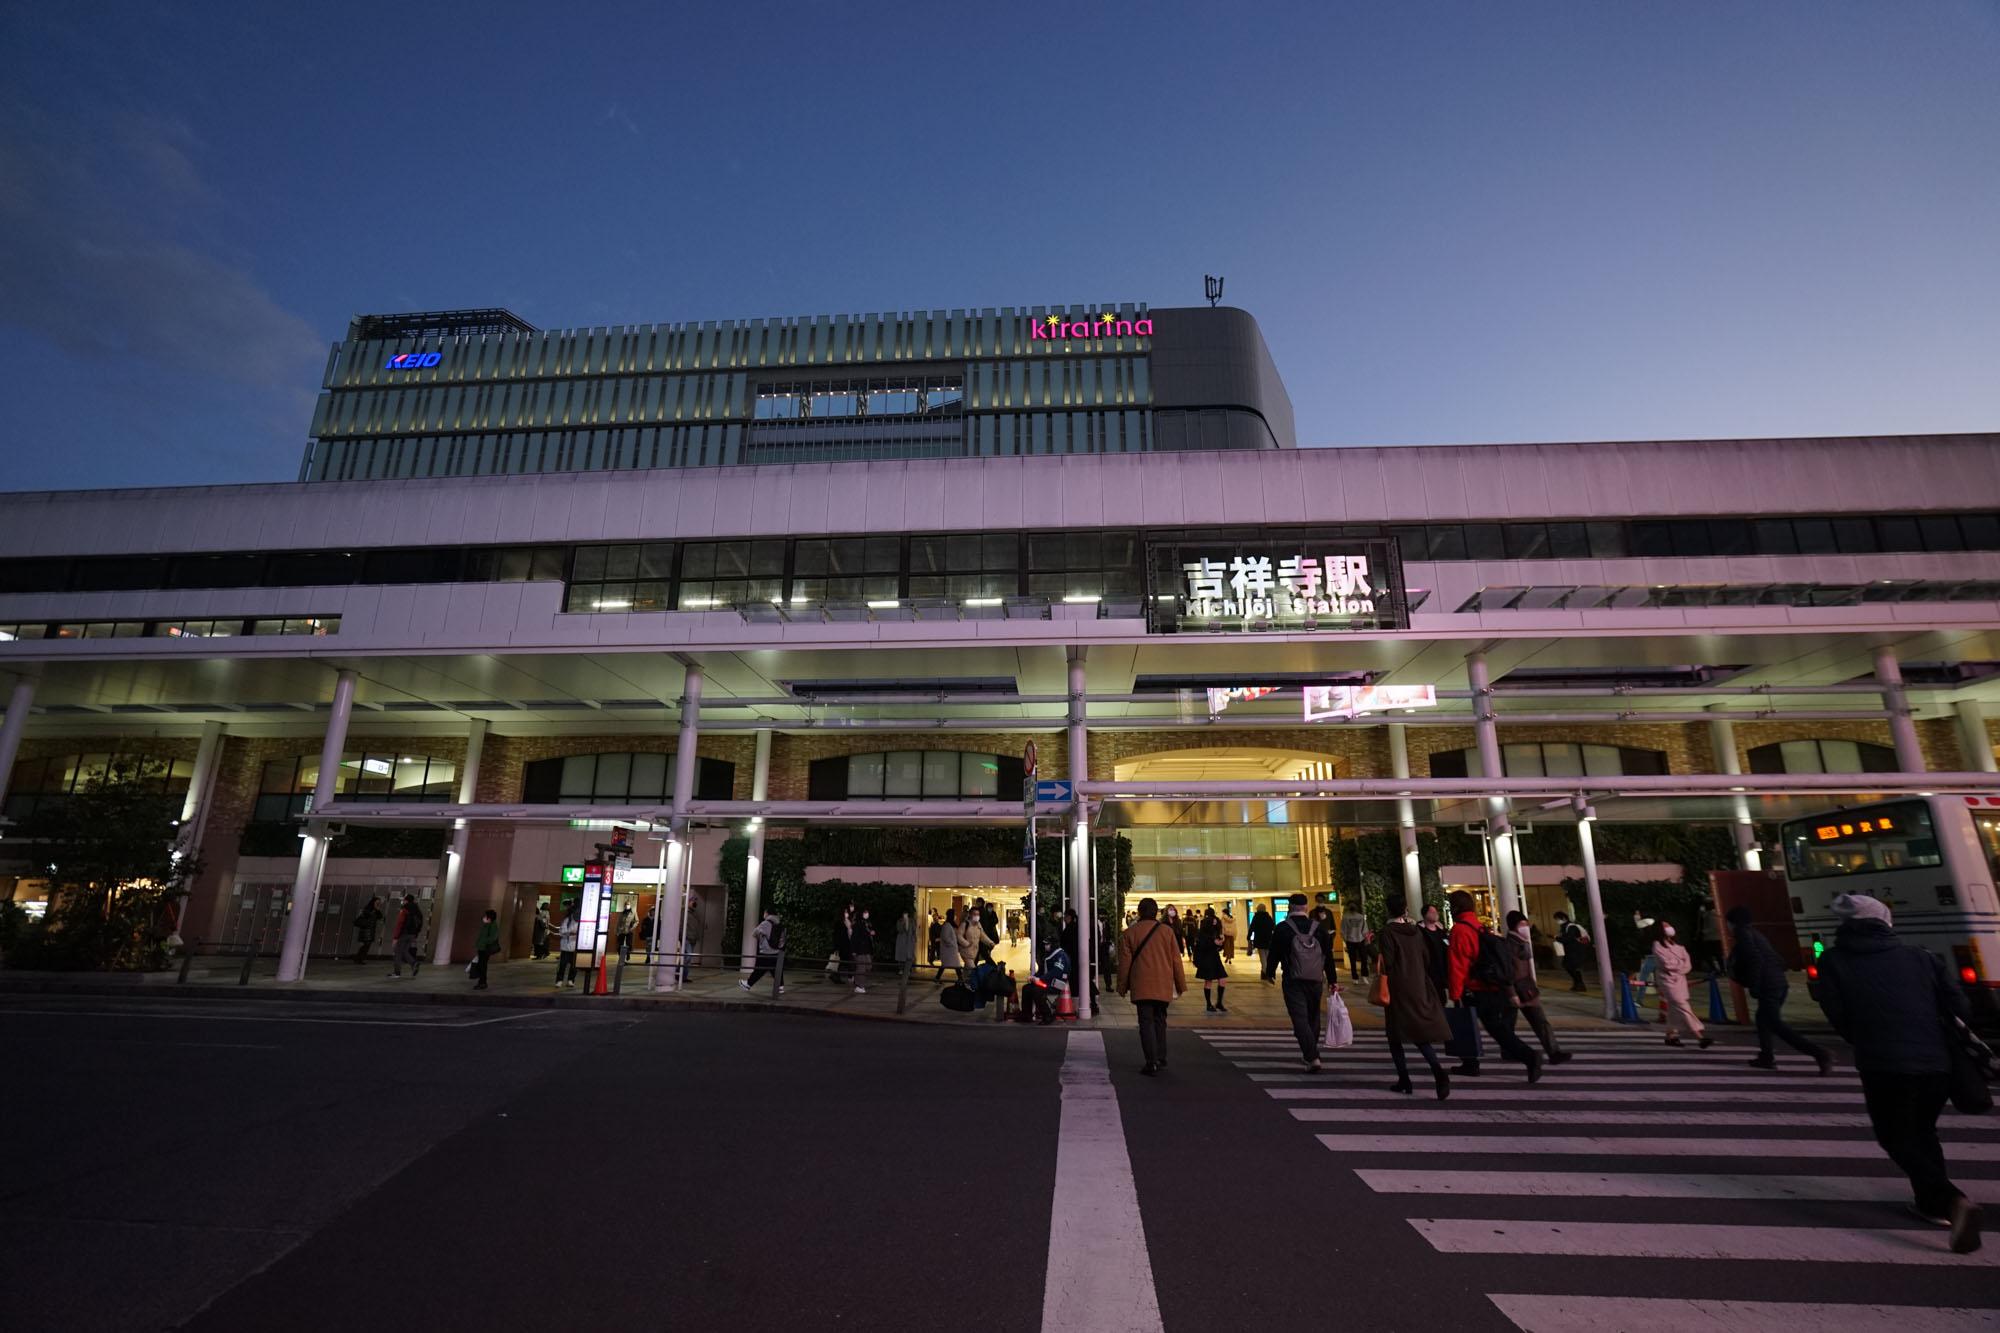 商店街で夕食の買い物をして、駅まで戻ってきました。新宿などの繁華街と違って、賑わっていても歓楽街な度はなく、女性や子ども連れでも安心して歩けることも、吉祥寺が人気の秘密かもしれません。